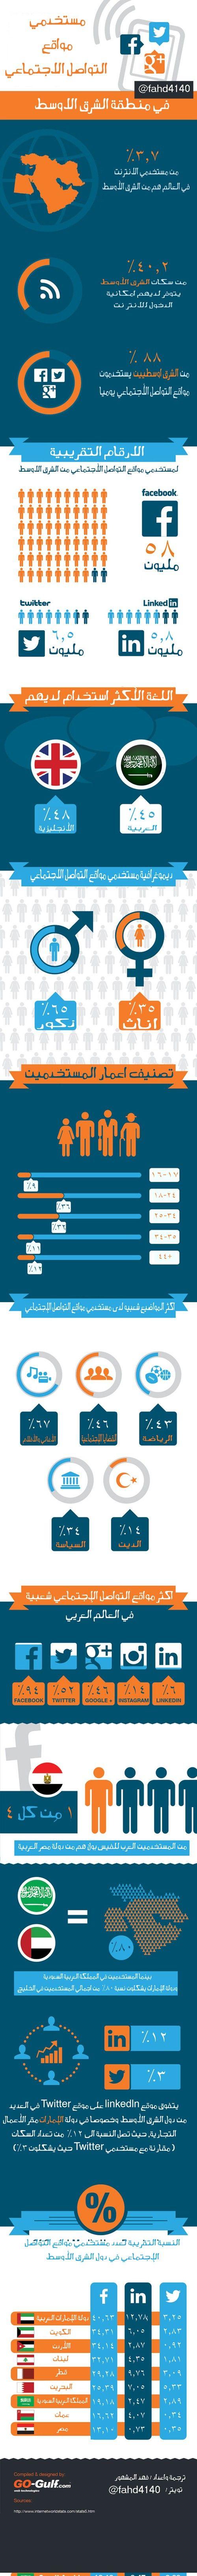 مستخدمي مواقع التواصل الإجتماعي